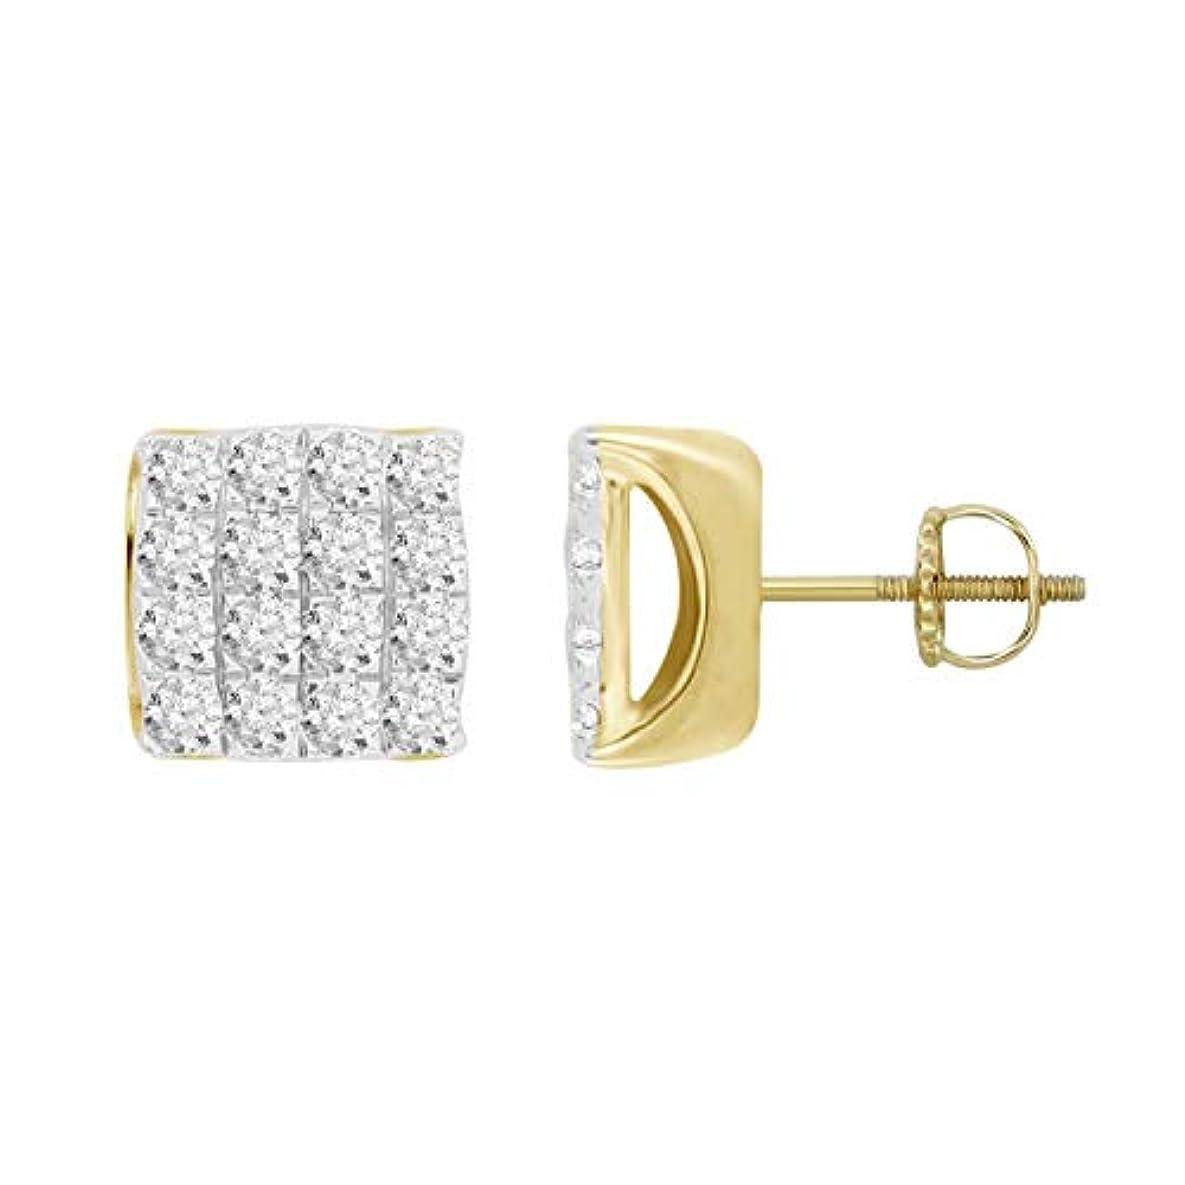 宇宙のご注意ディスコメンズ 10k イエローゴールド 天然ダイヤモンド スクエア クラスタッド ピアス (0.75 cttw、I-J カラー、I2 クラリティ) 8.50 mm